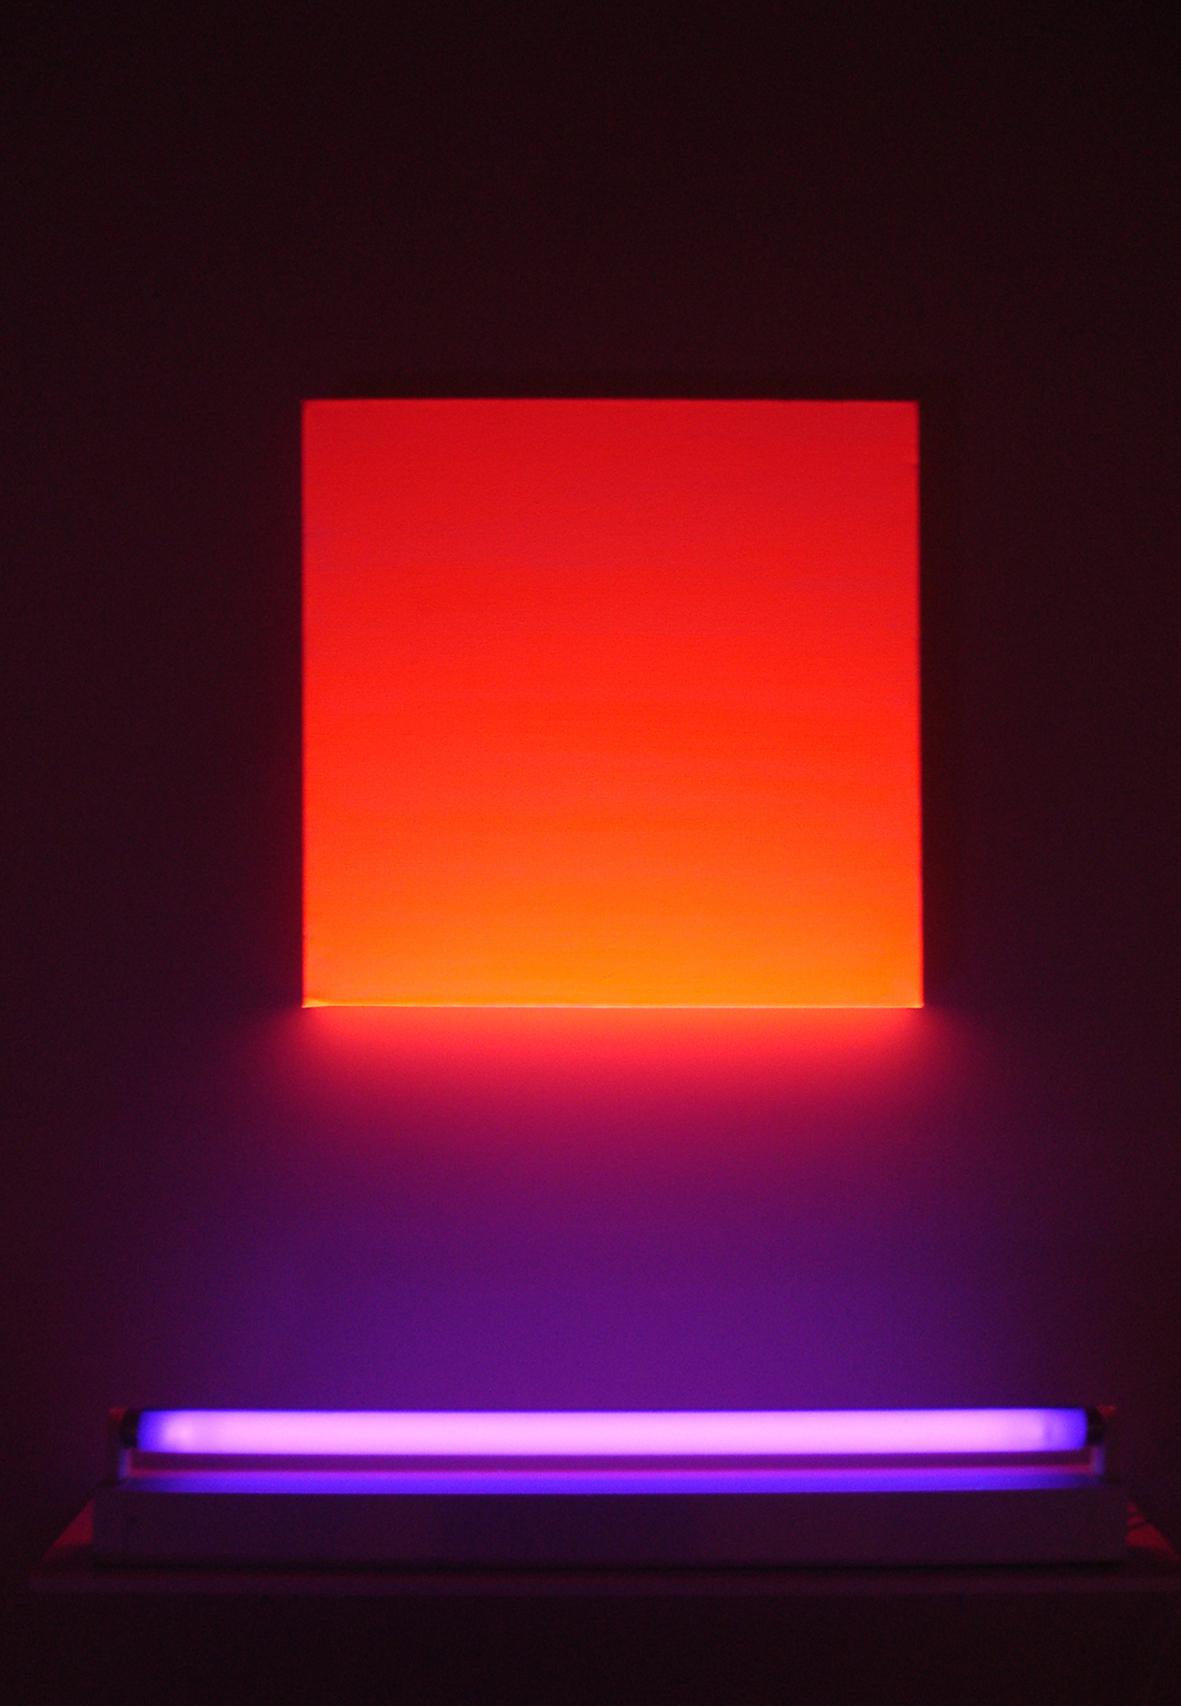 Éric Michel, Monochrome de Lumi.re Bengale Red, 2007 © Adagp, Paris 2015 Courtesy Galerie Véronique Smagghe